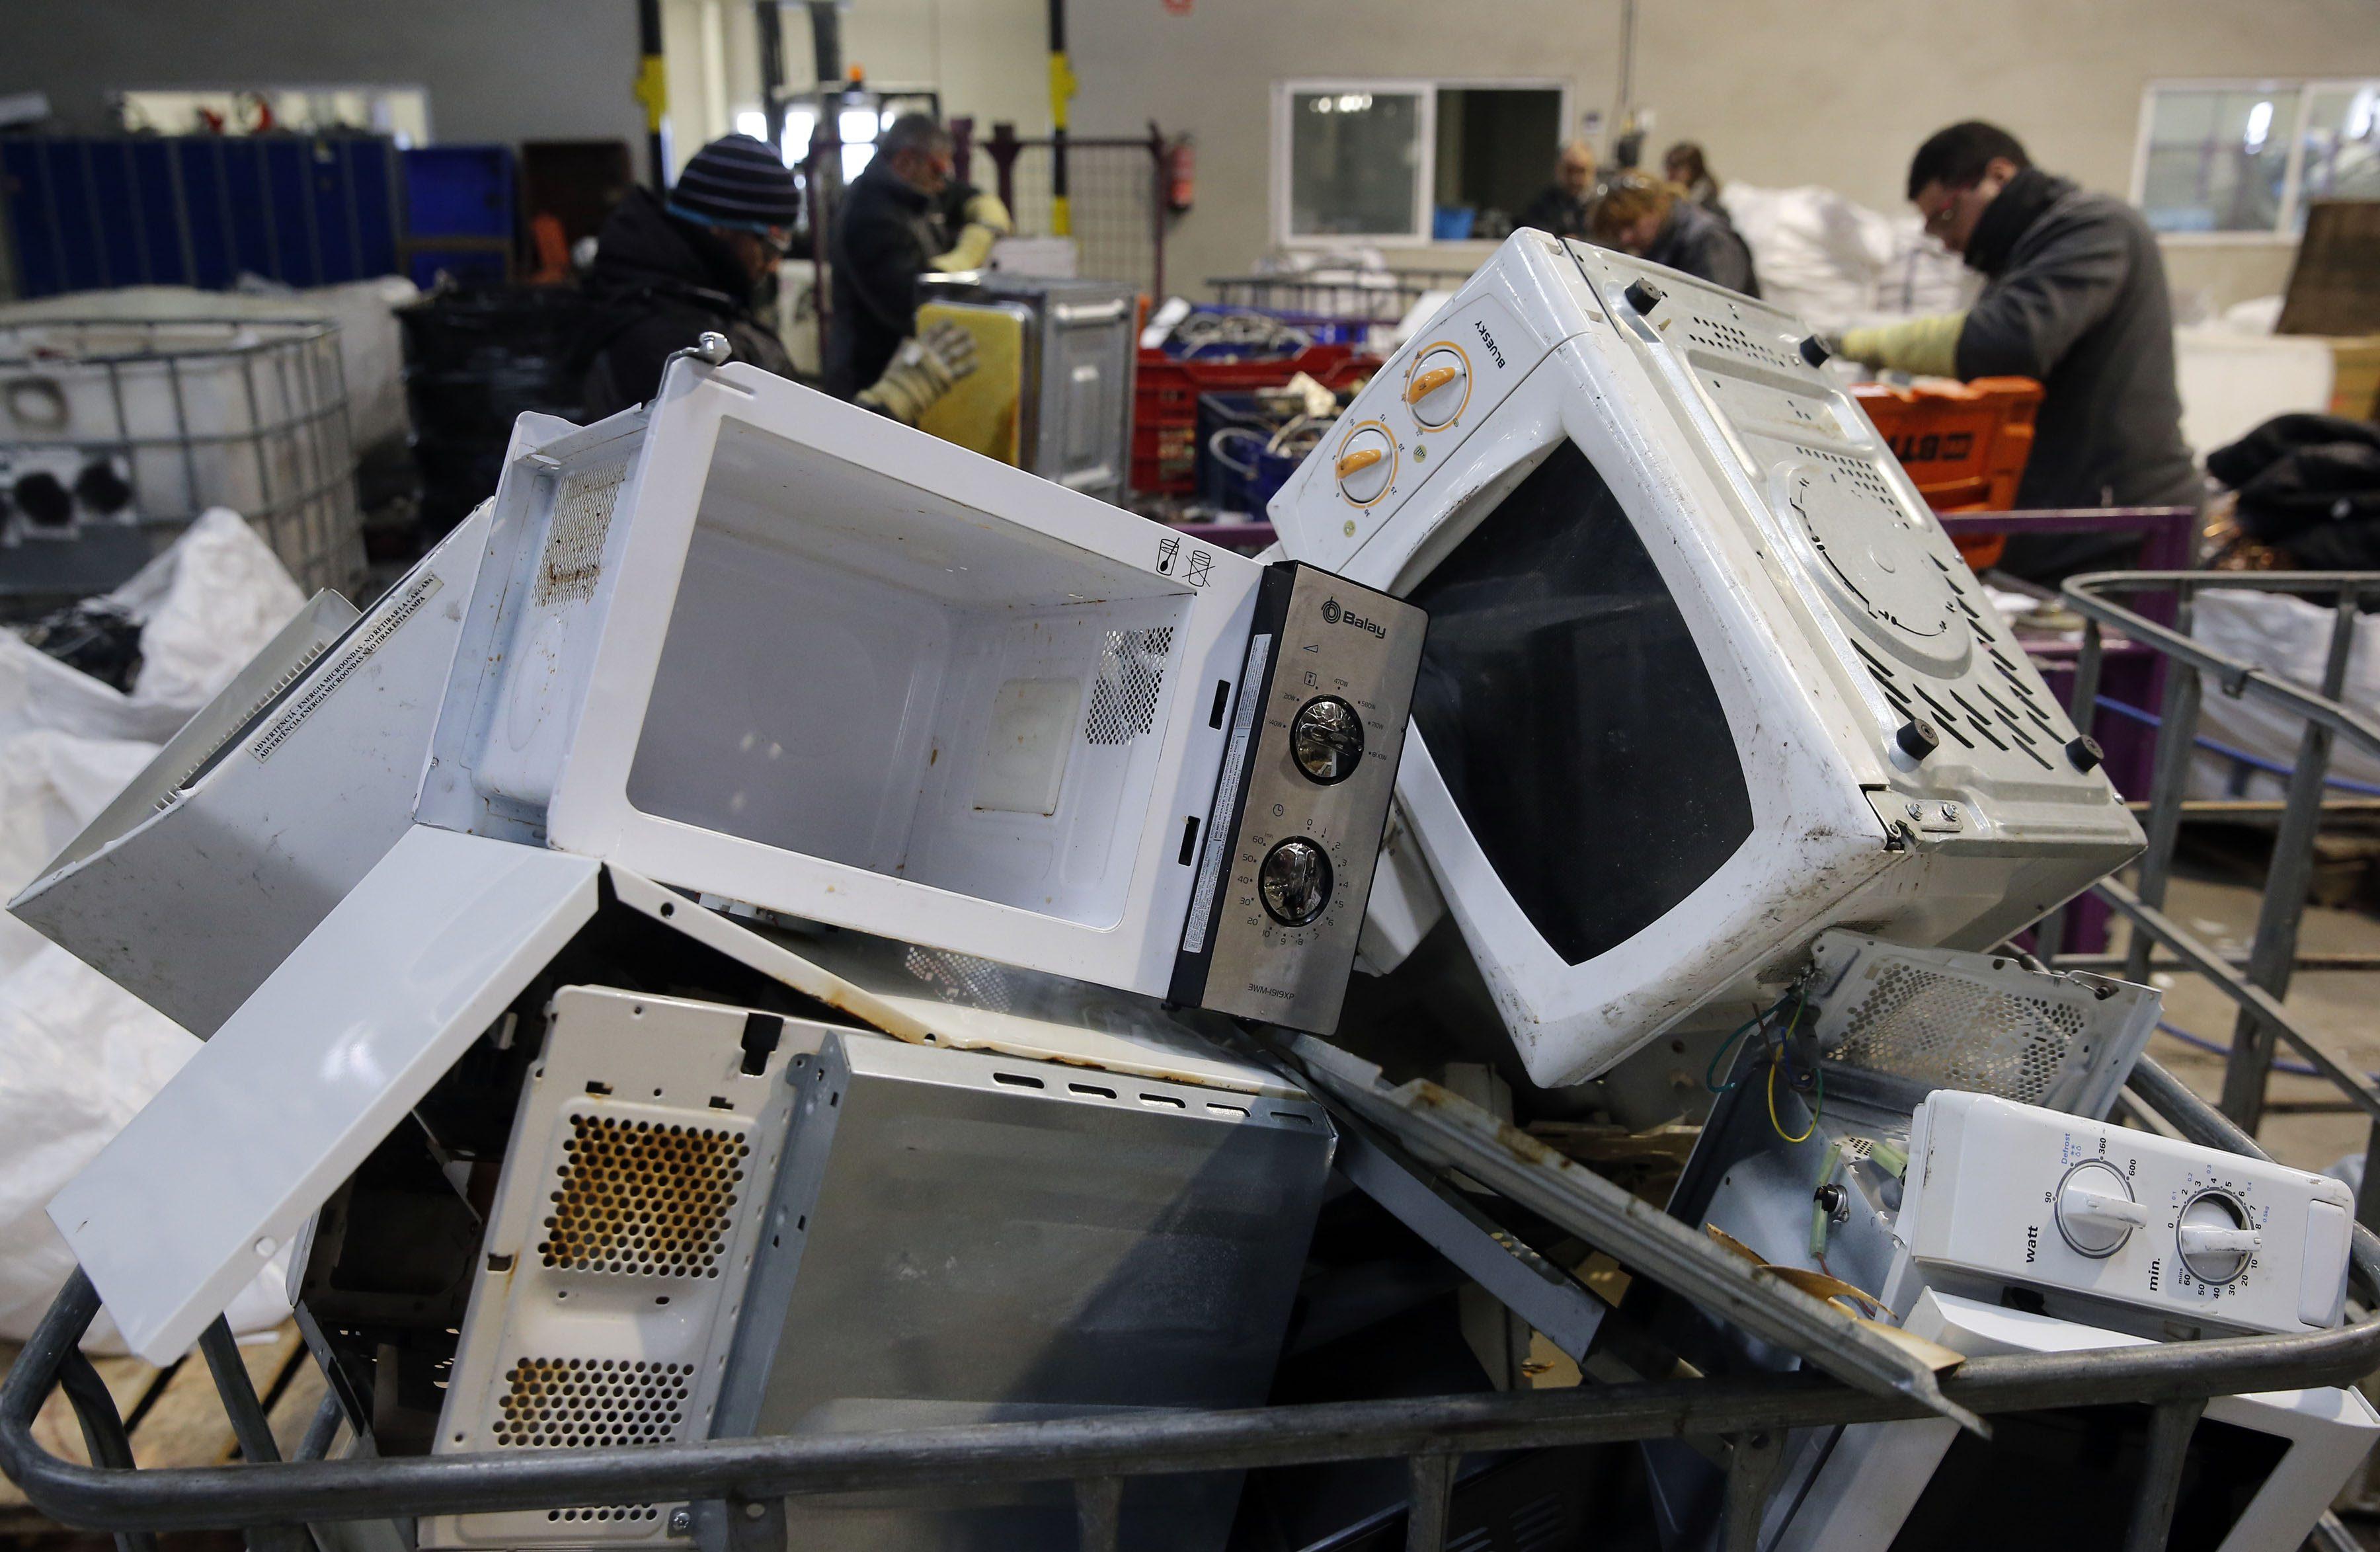 Elettrodomestici: quelli di Bosch, Siemens e Beko durano di più, ancora male il Bimby